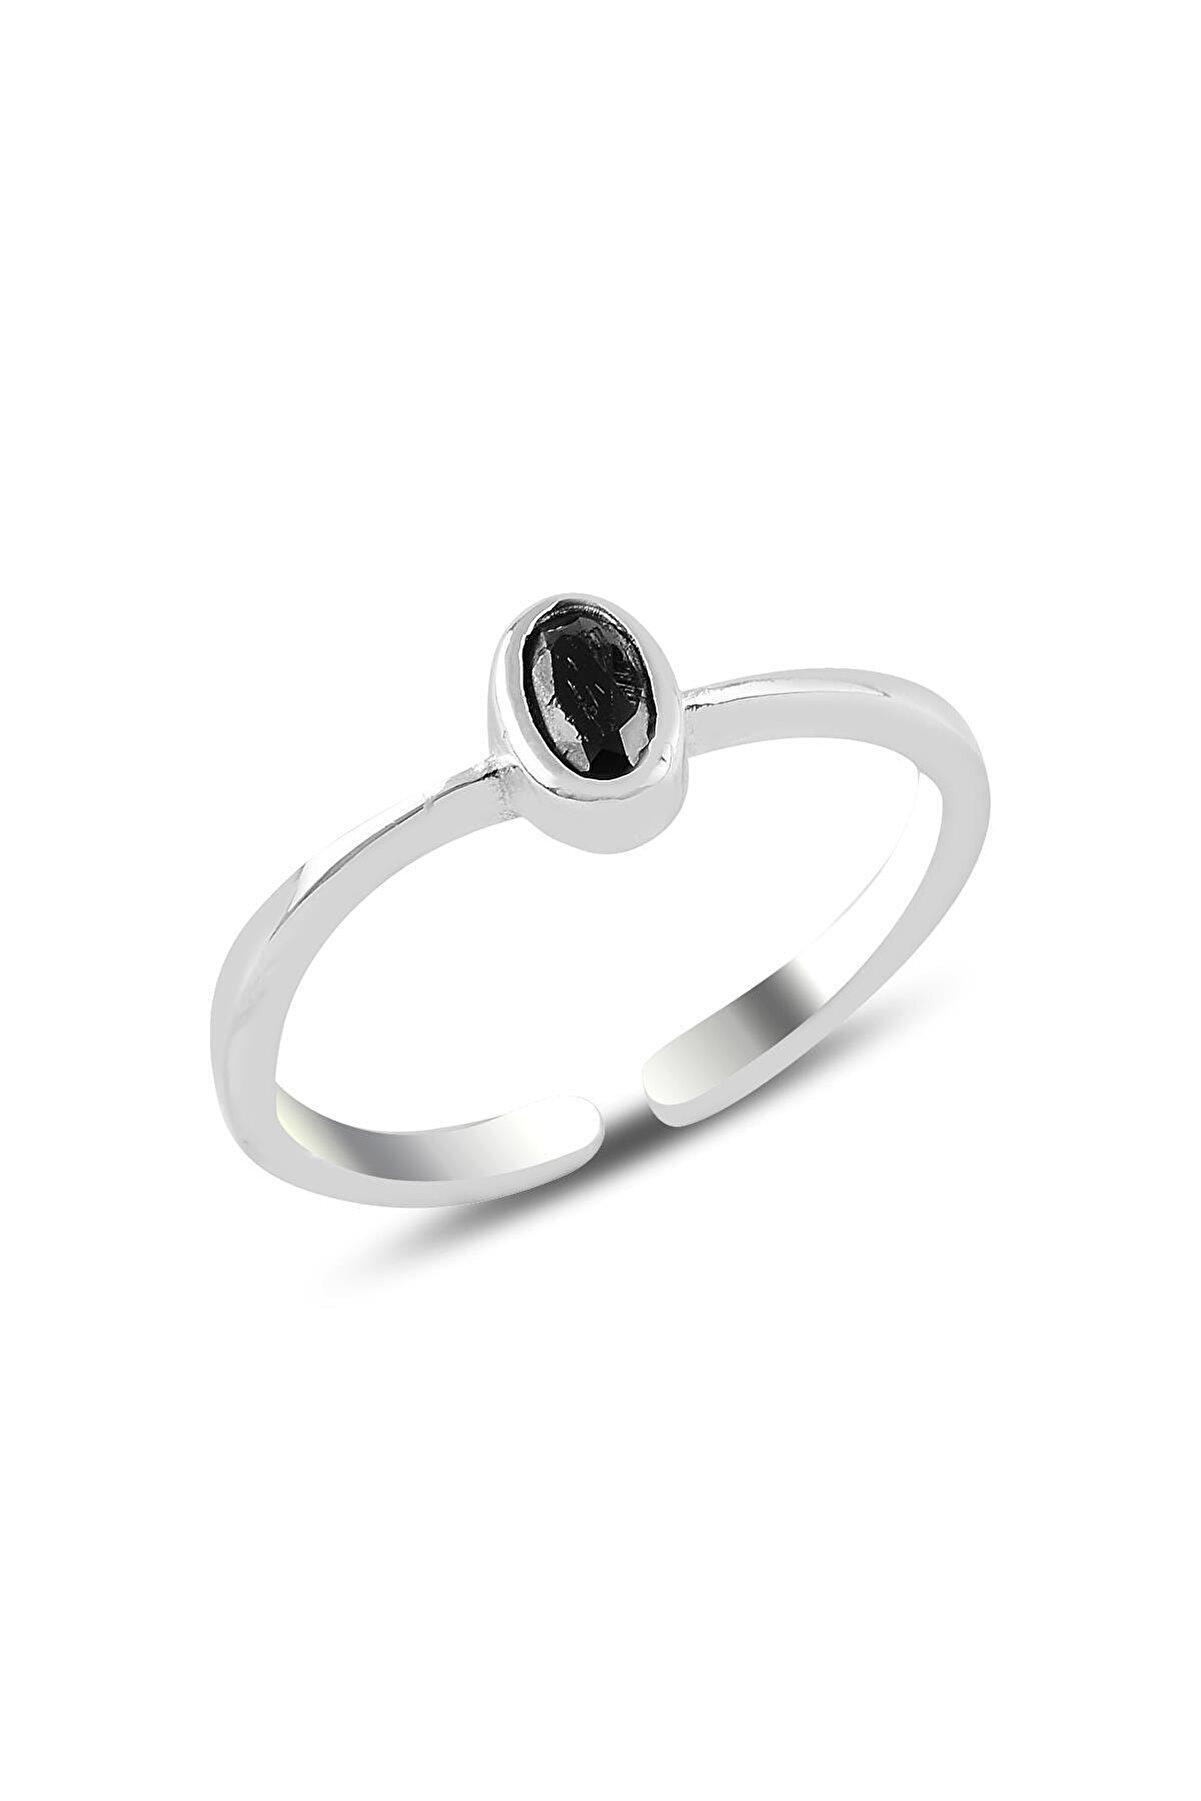 Söğütlü Silver Gümüş Rodyumlu Siyah Taşlı Ayarlamalı Yüzük